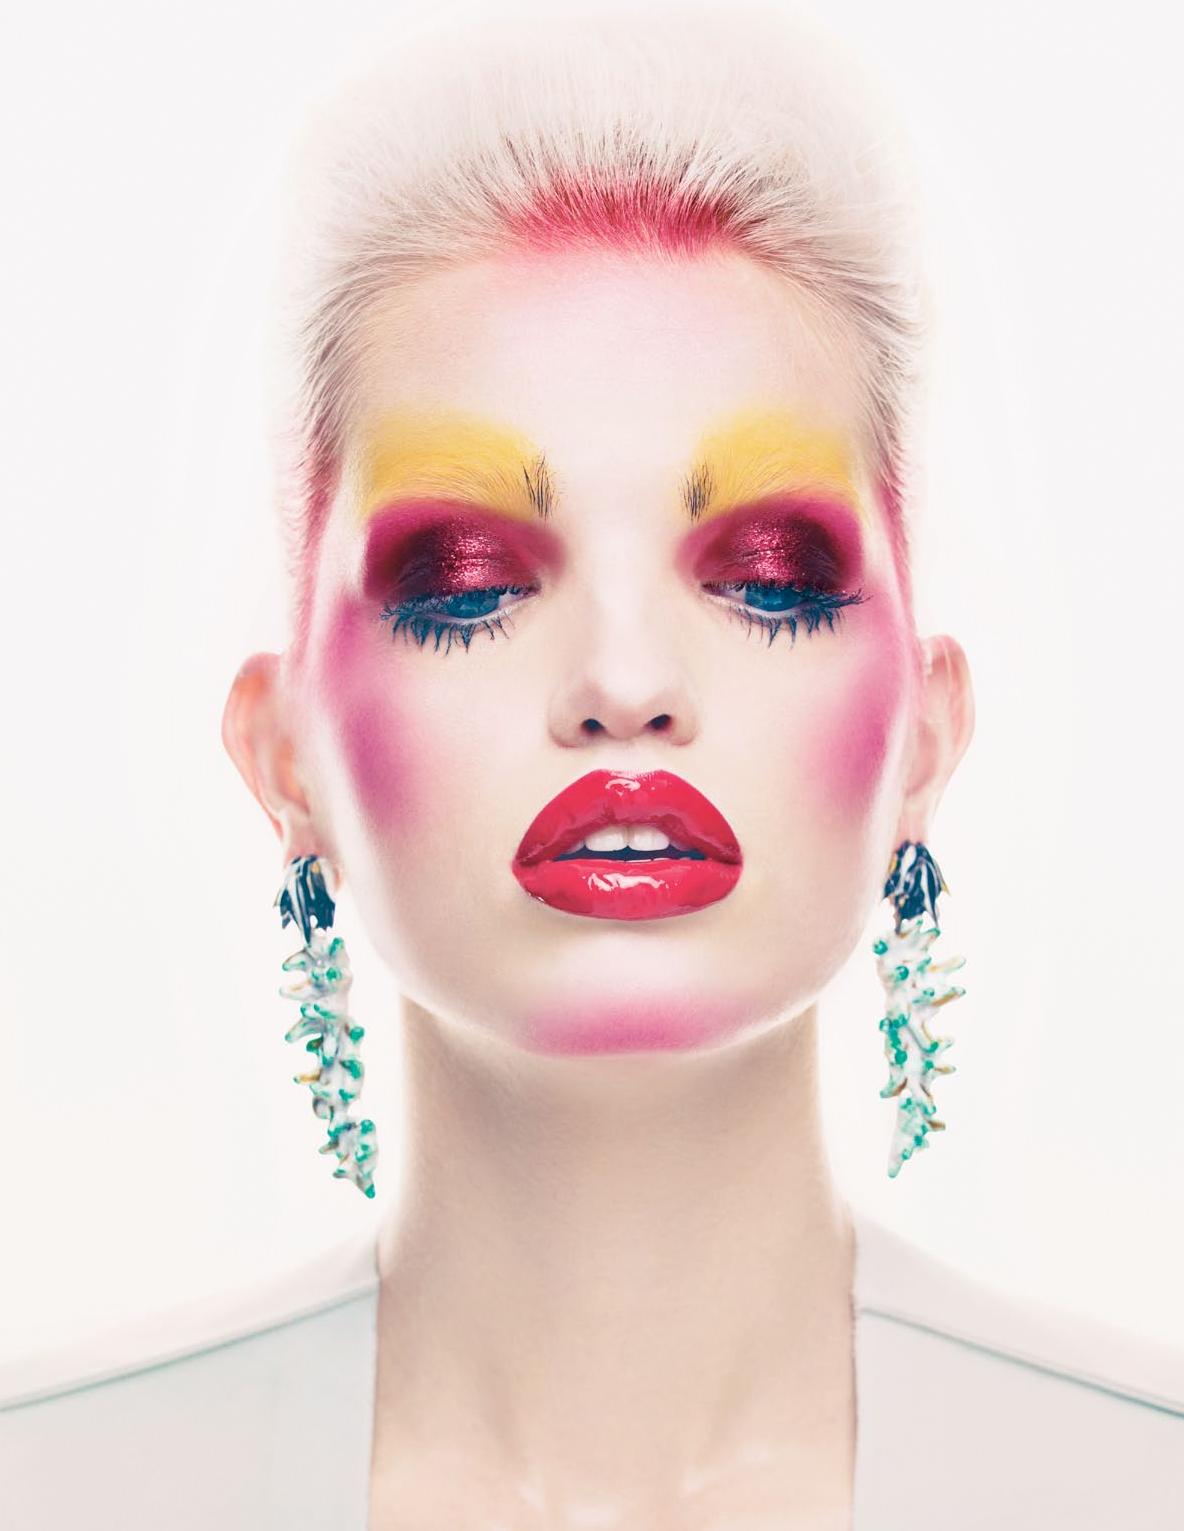 Makeup Master Yadim